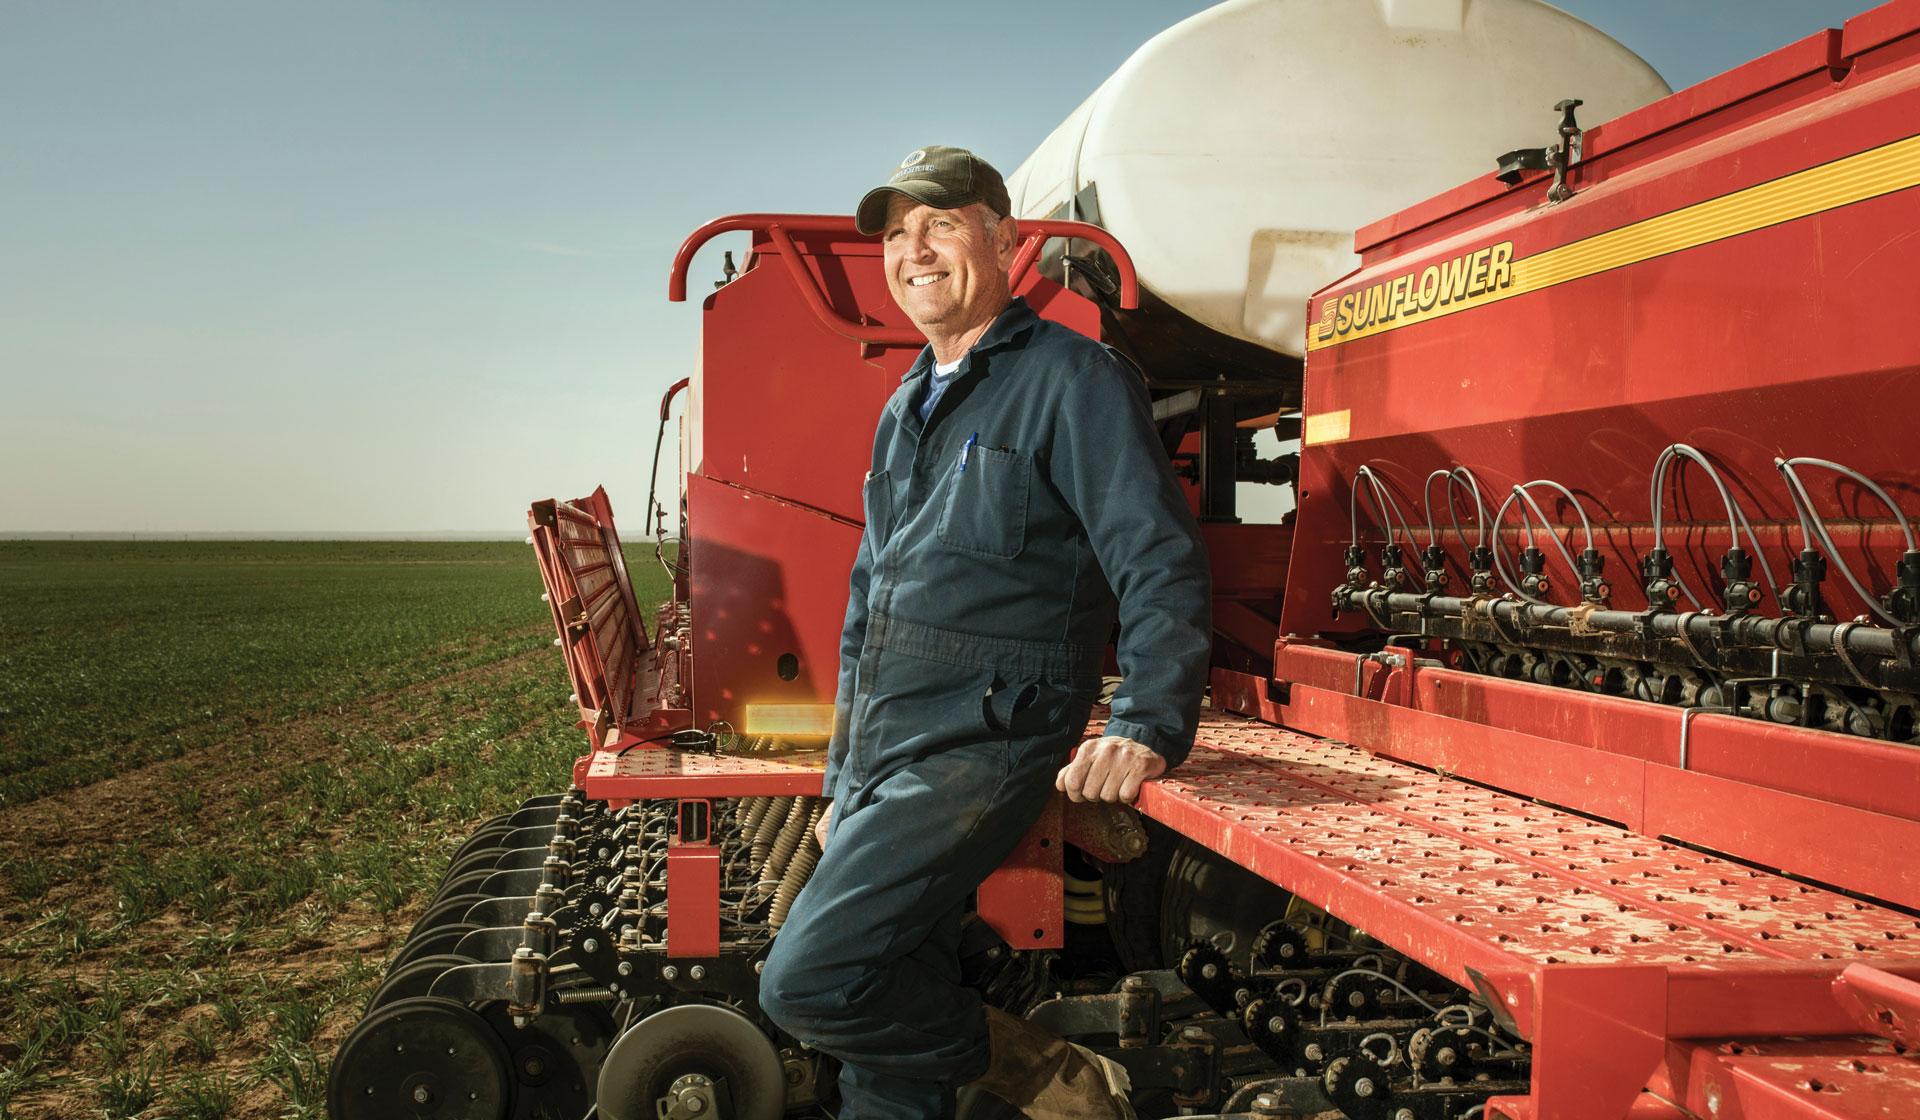 Pieter Vanderlaan stands in front of his Sunflower 9435 grain drill.